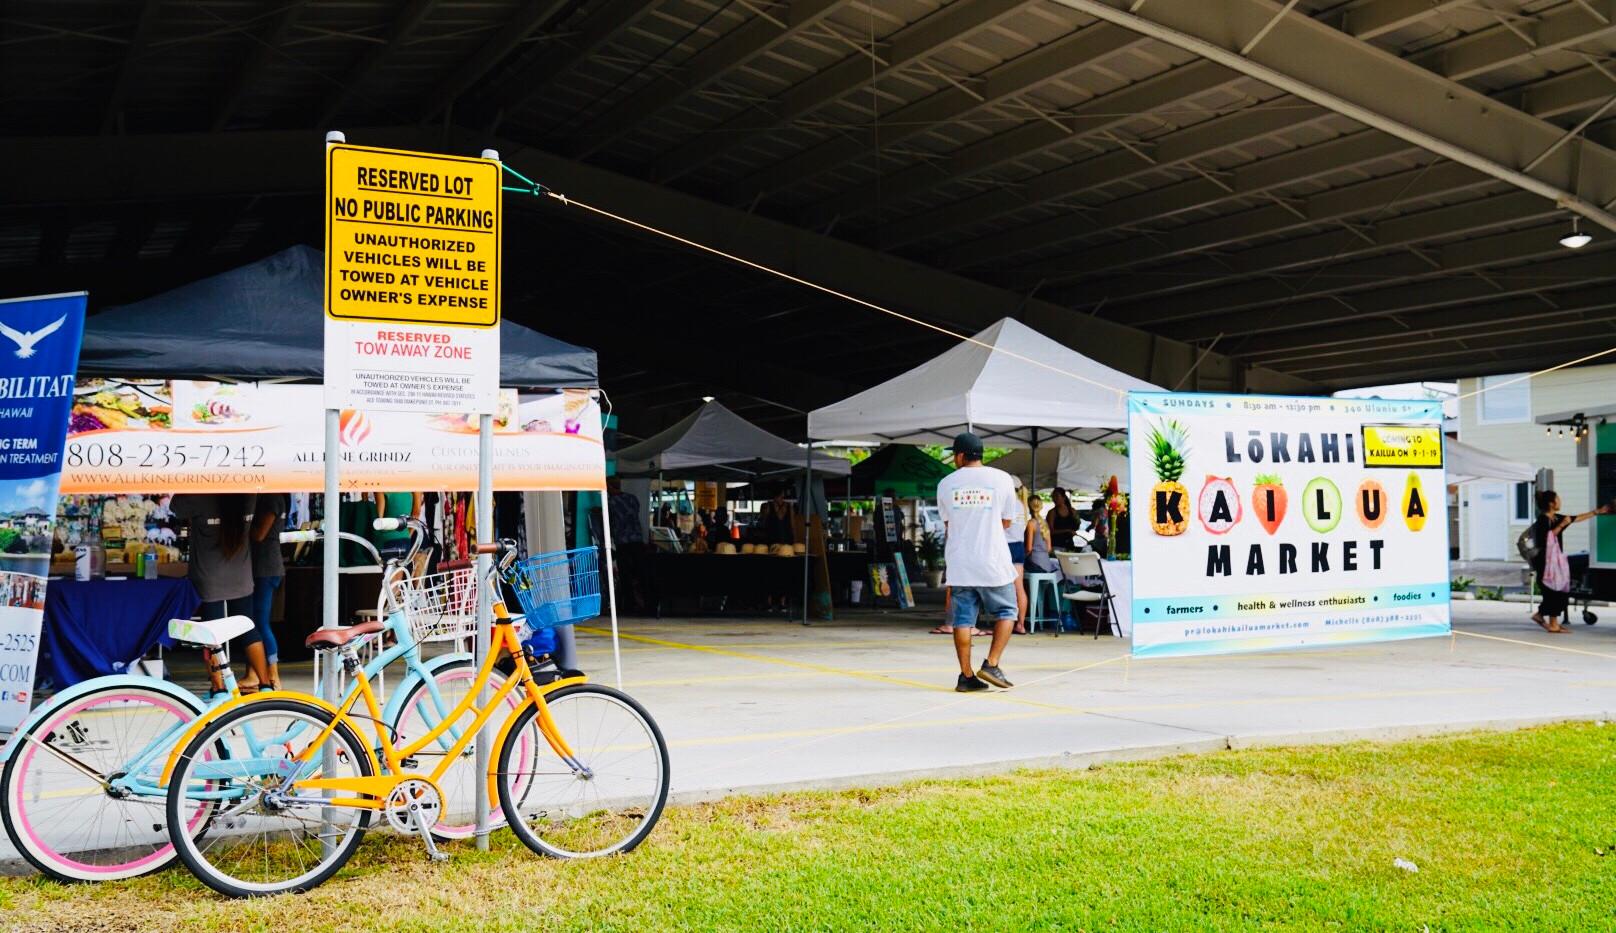 Lokahi market